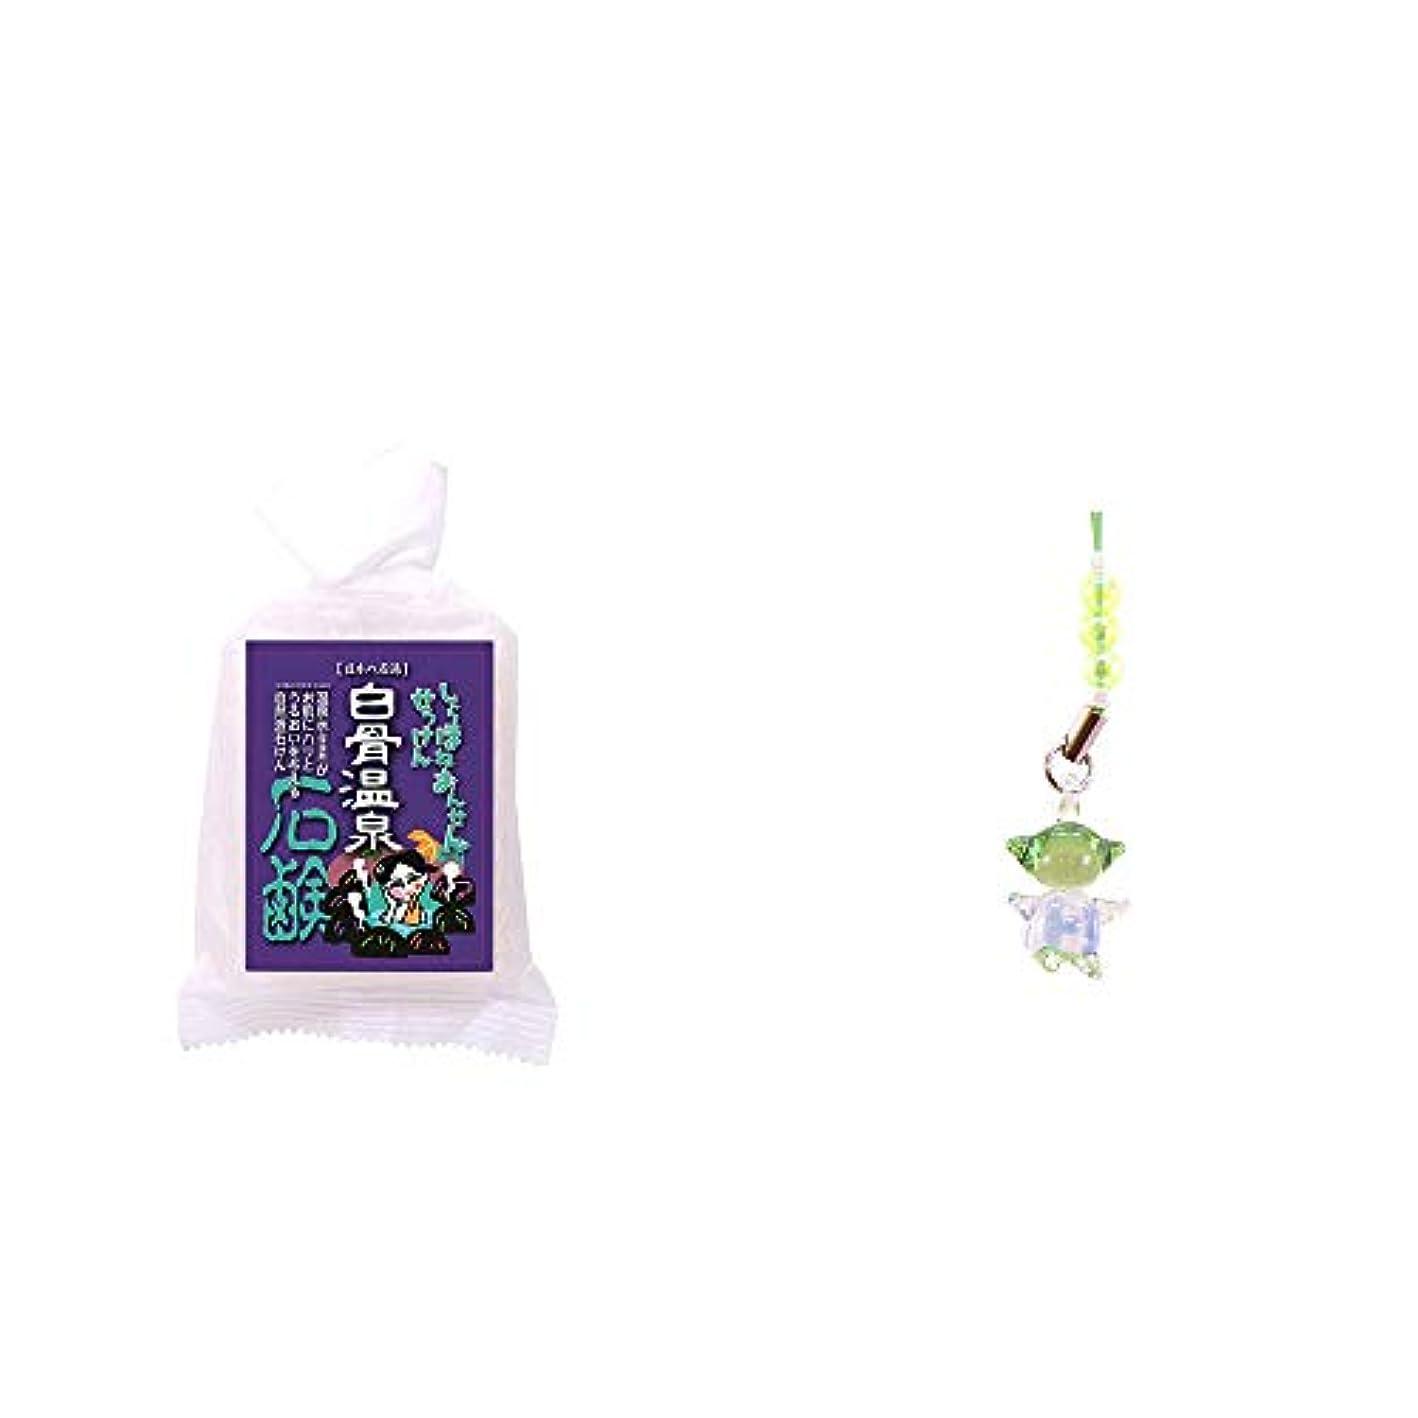 ペルー練習胚芽[2点セット] 信州 白骨温泉石鹸(80g)?ガラスのさるぼぼ 手作りキーホルダー 【緑】 /健康運?平穏?病気を寄付けない?健康祈願//